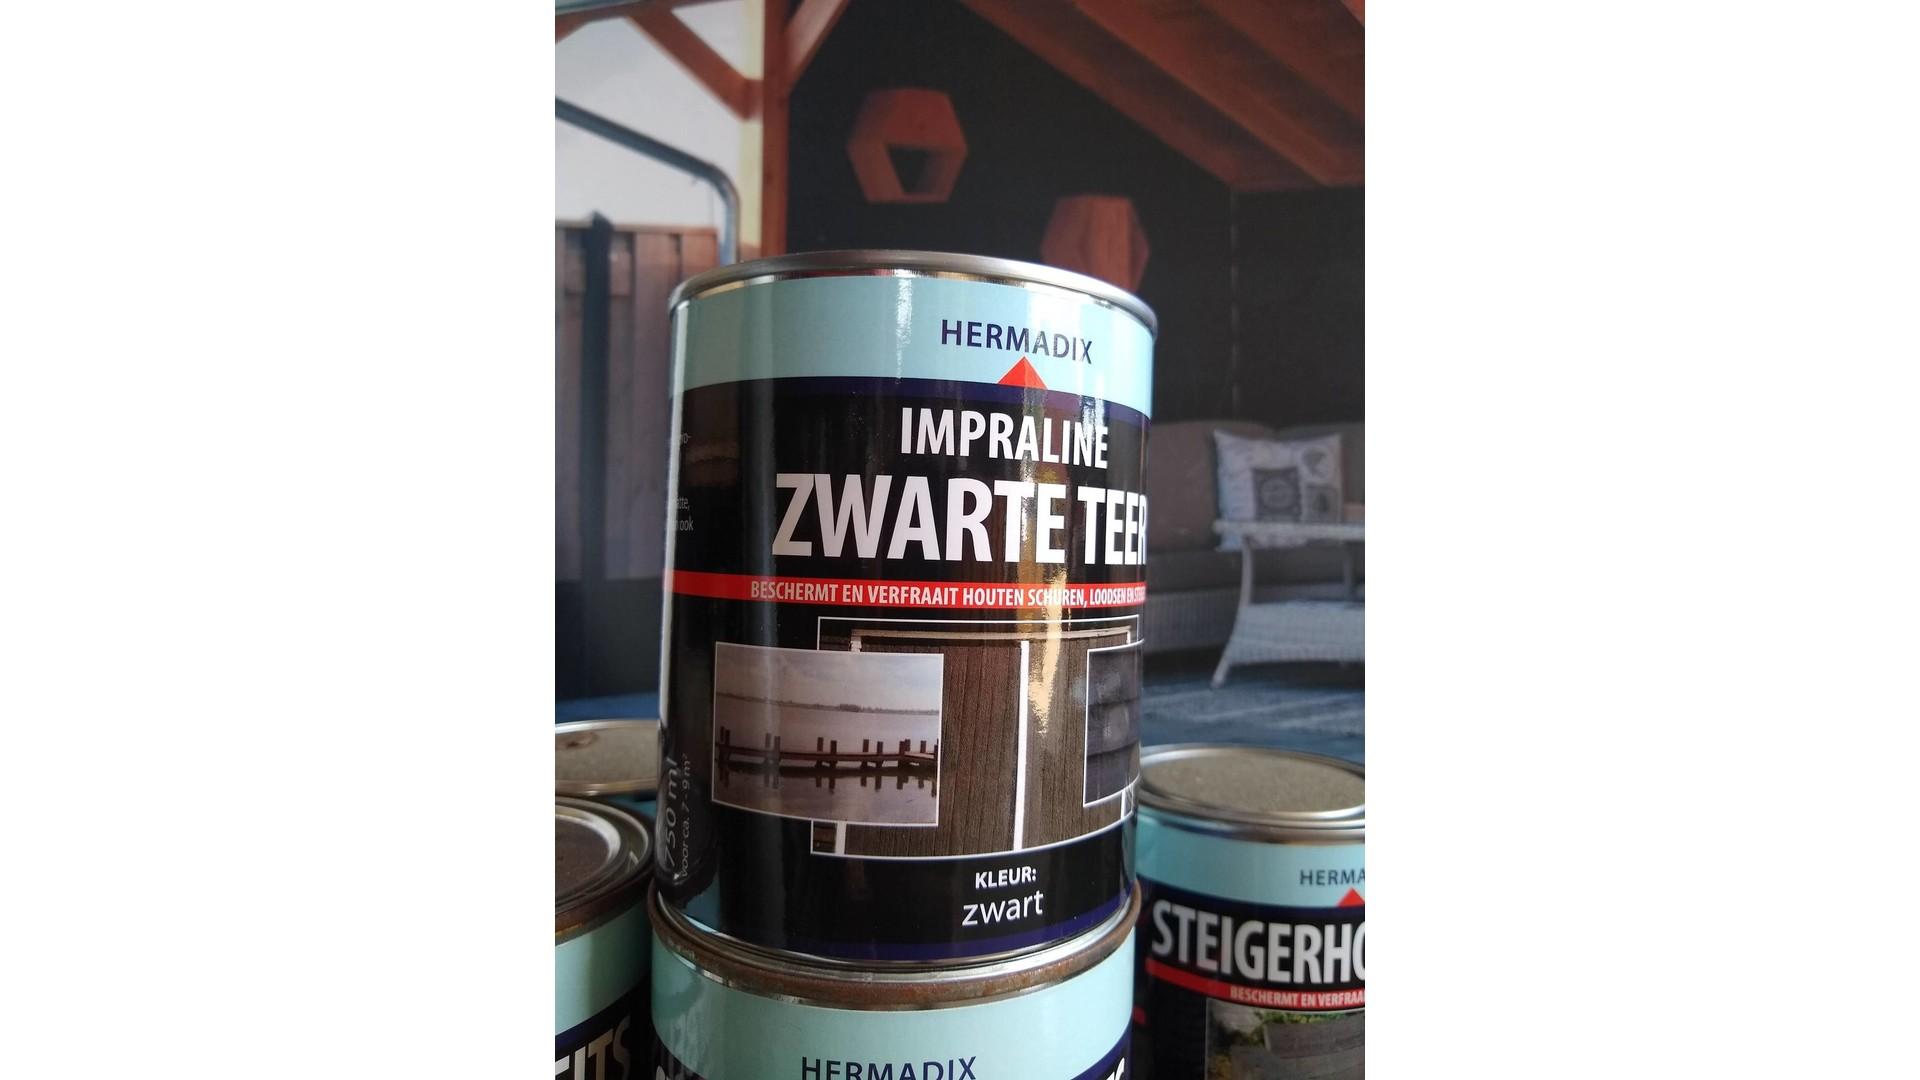 Hermadix Impraline